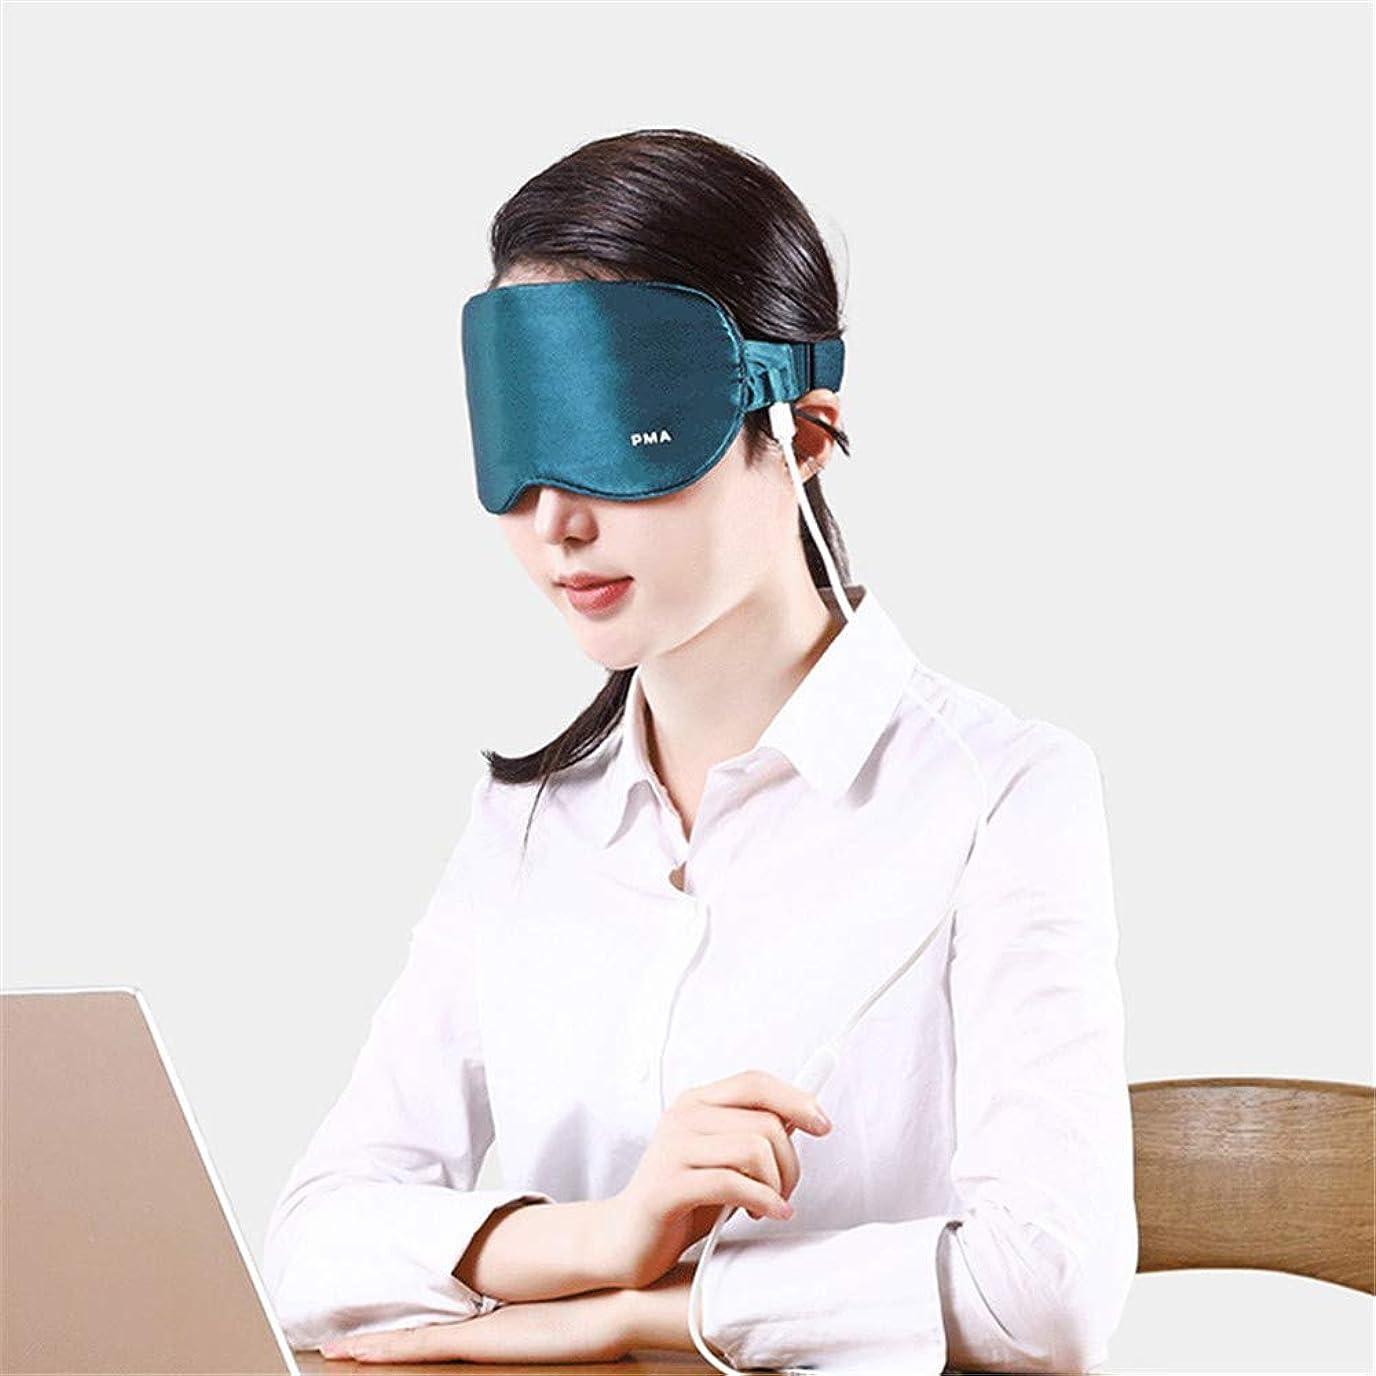 ところでポテト業界注睡眠マスク睡眠アイマスクアイシェードカバーシェードアイパッチ女性男性ソフトポータブル目隠し旅行アイパッチアイケアツール